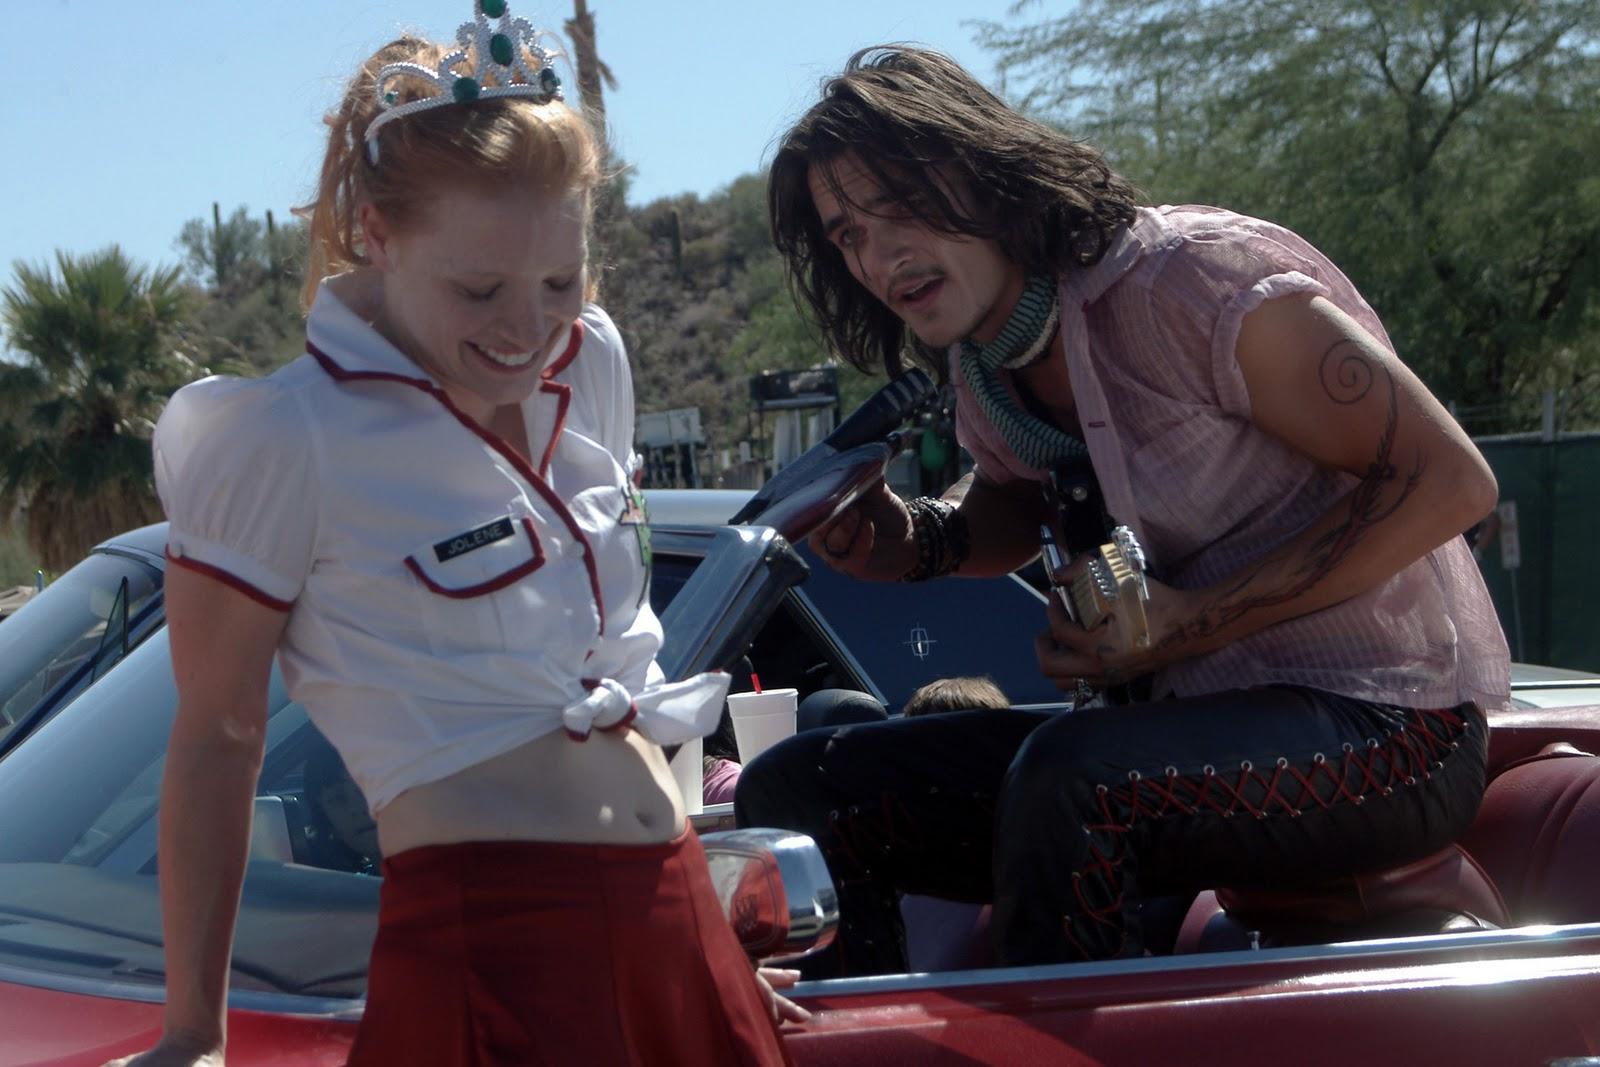 http://4.bp.blogspot.com/_lweymjmz4GY/TMKASDYKwDI/AAAAAAAAT7w/dgfP677nFG4/s1600/rupert_friend_jolene_movie.jpg